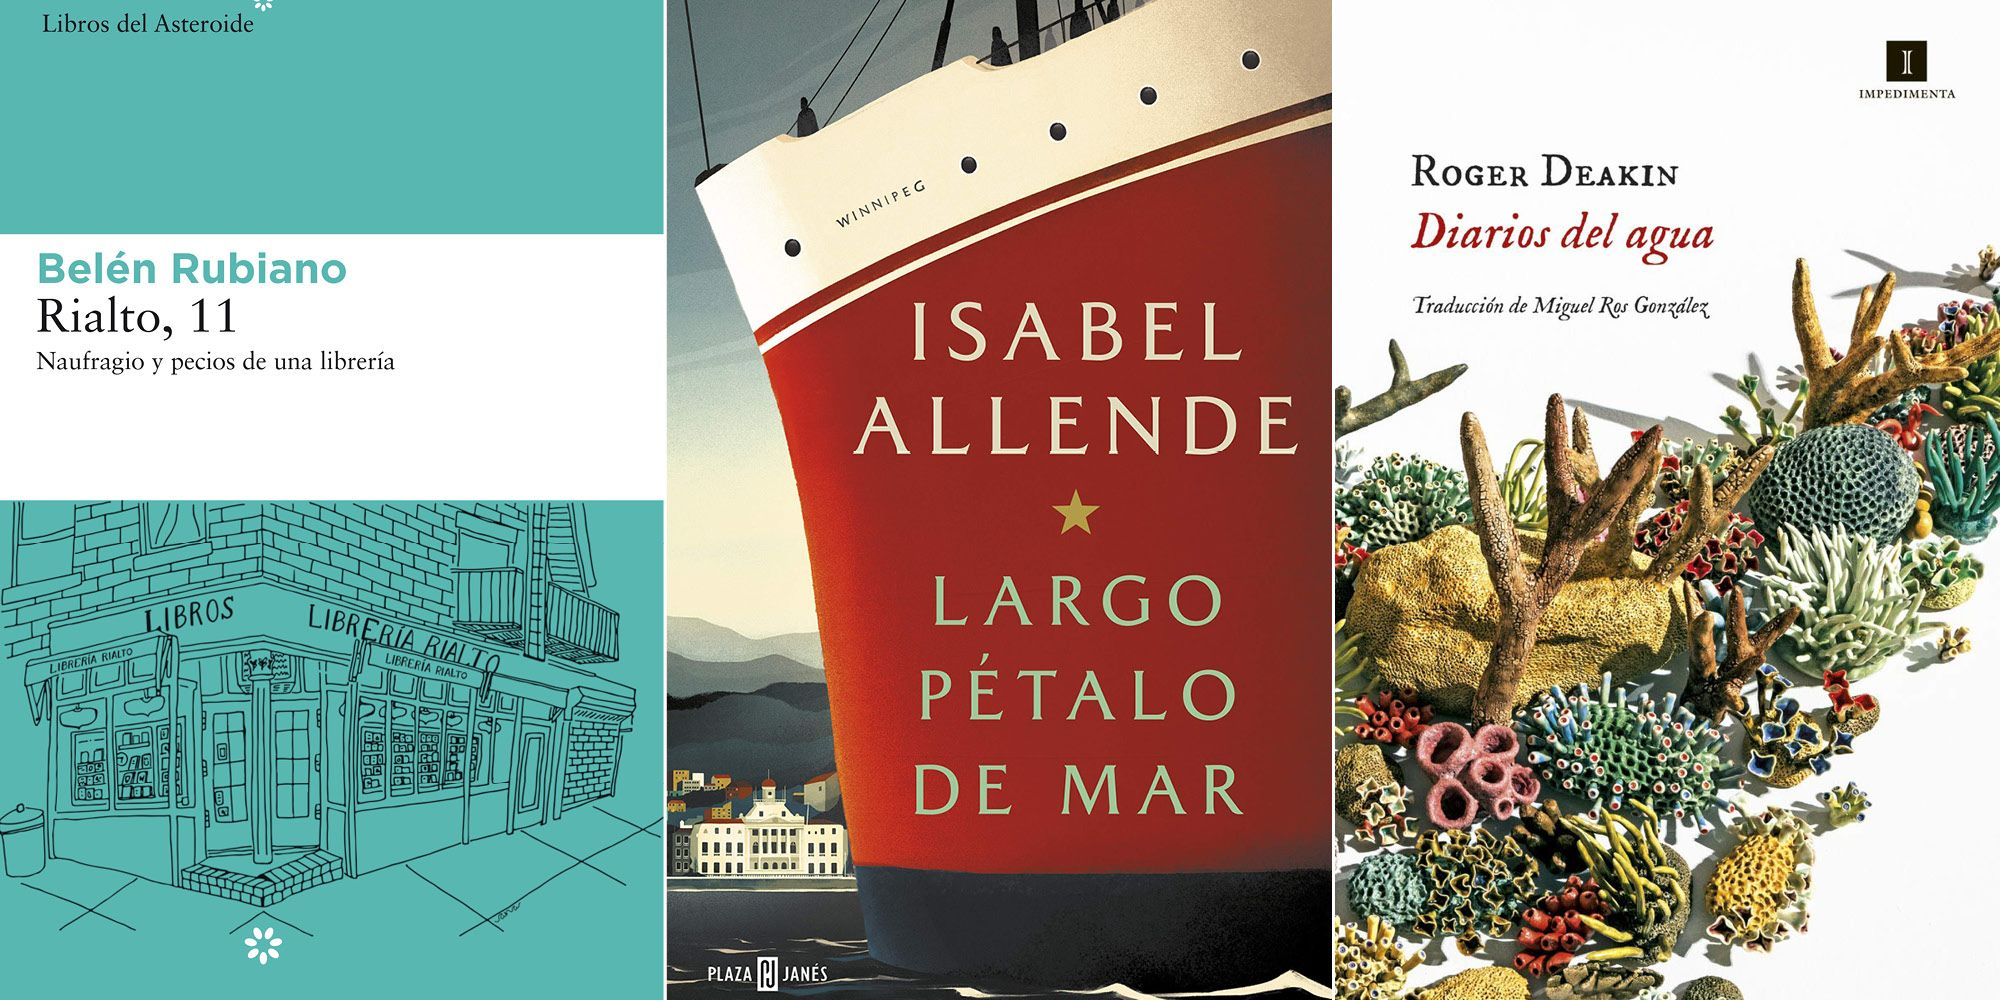 6e1bf05657 Los mejores libros de 2019 - Novedades literarias 2019